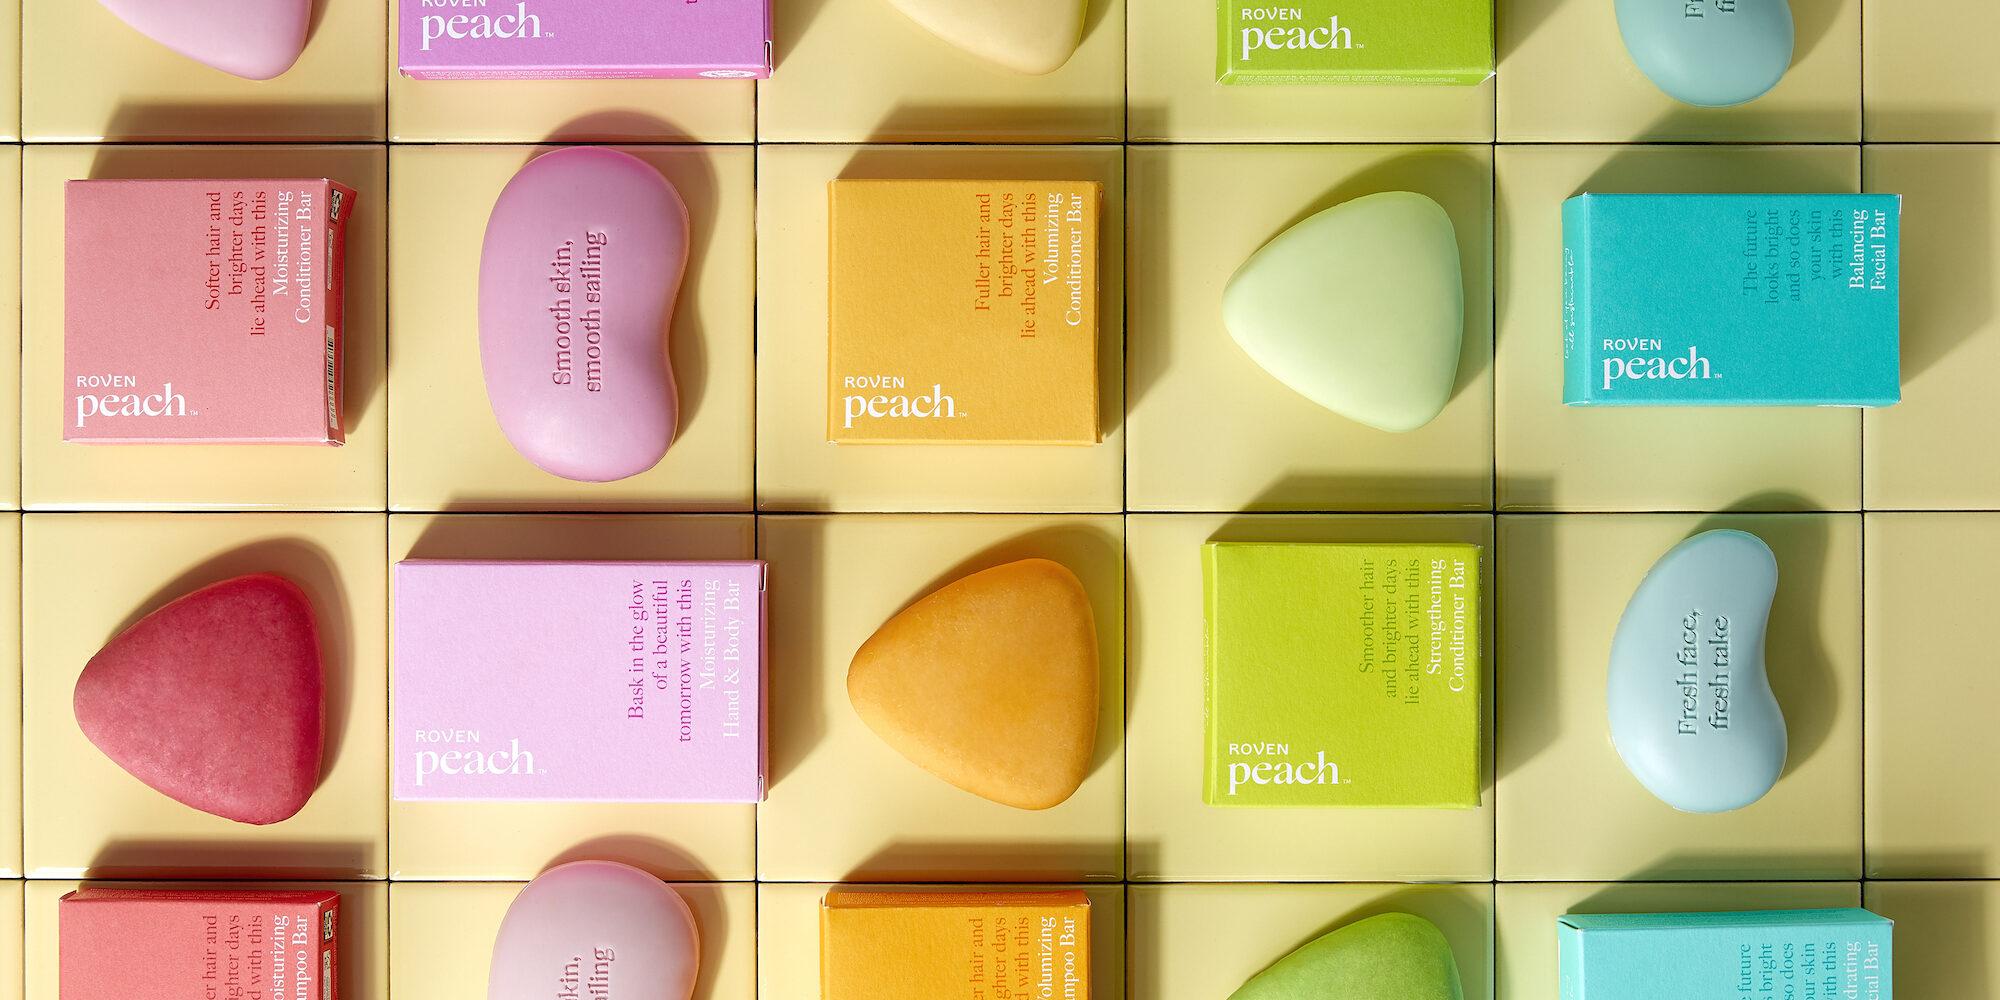 Grove Collaborative Launches Plastic-Free Personal Care Brand Peach